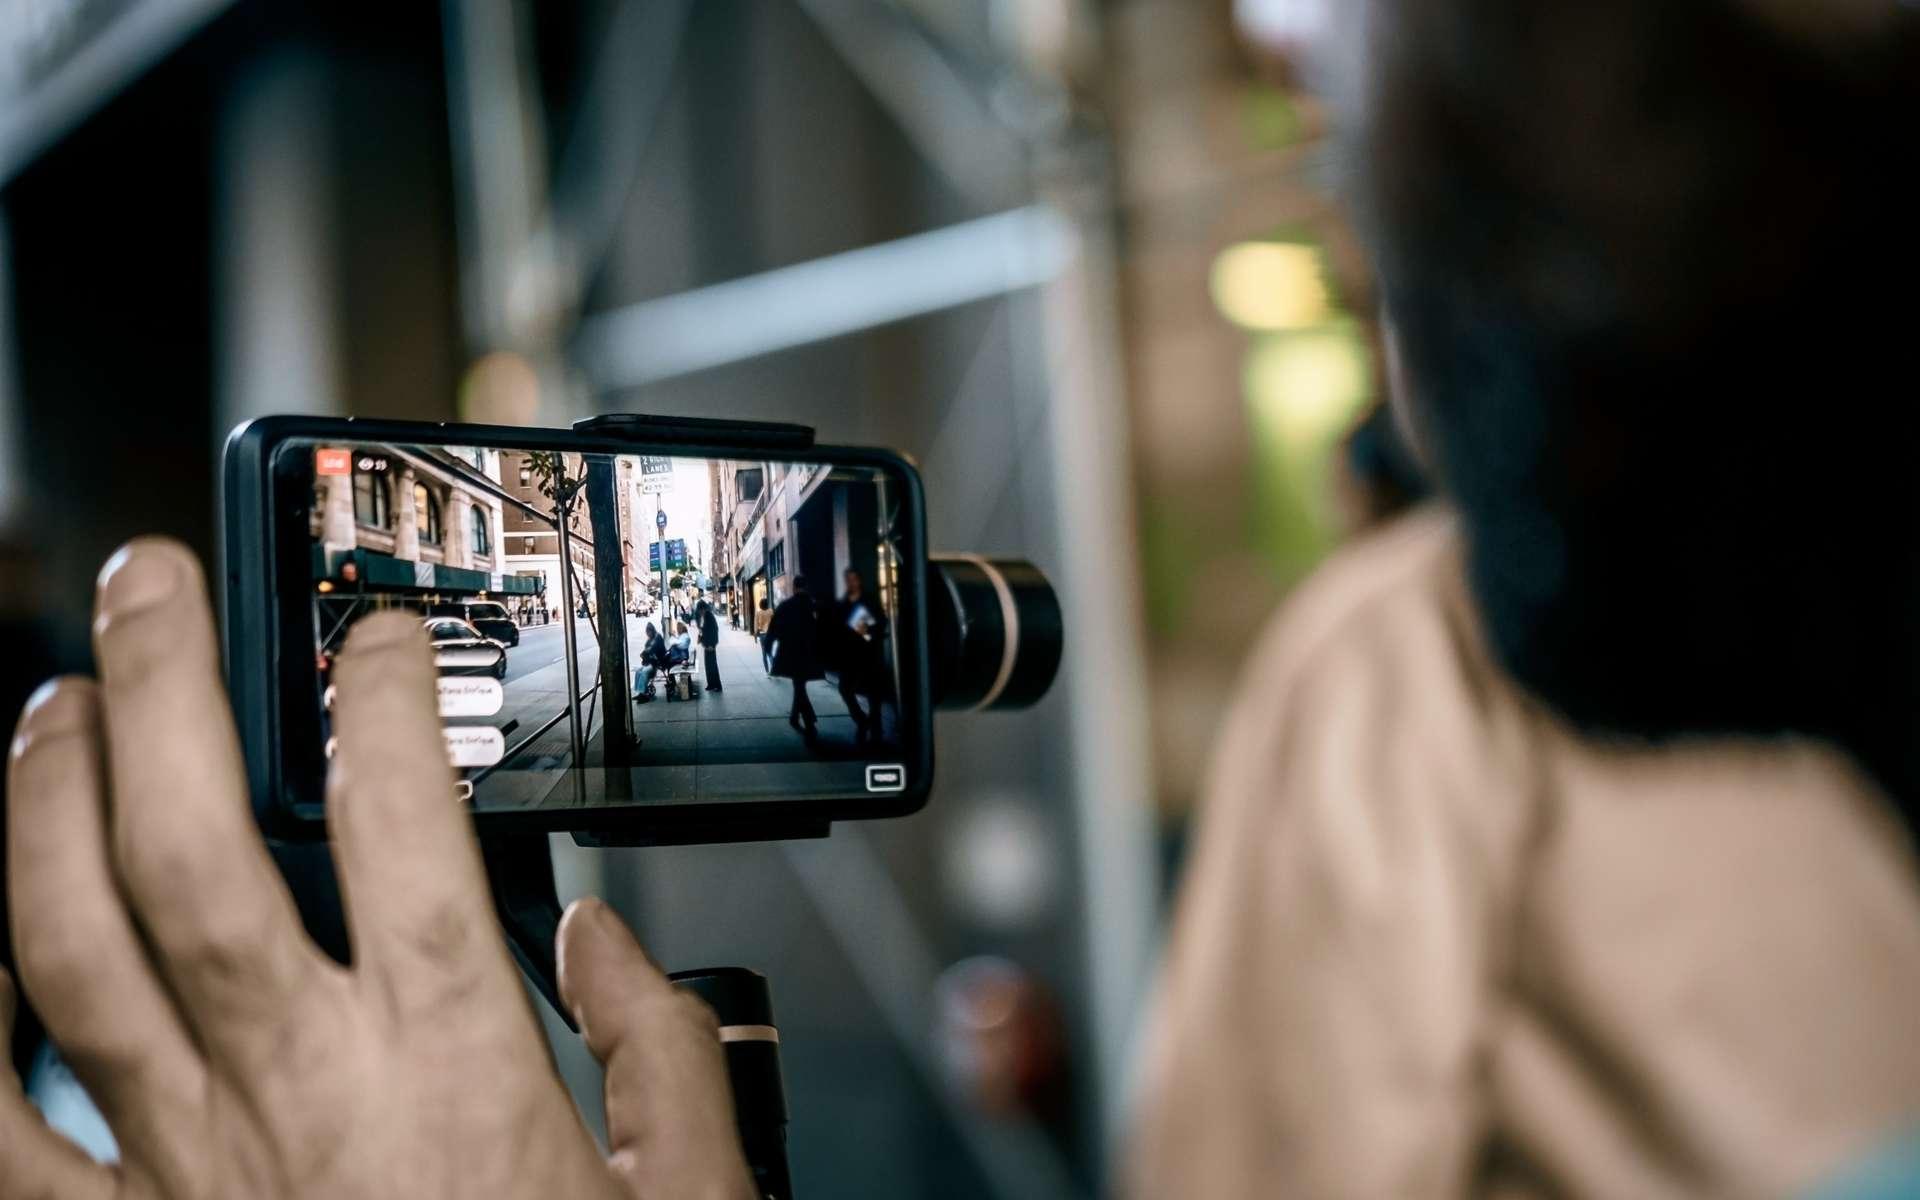 Apprenez à transférer vos photos d'un smartphone vers votre PC. © Iuliia, Adobe Stock